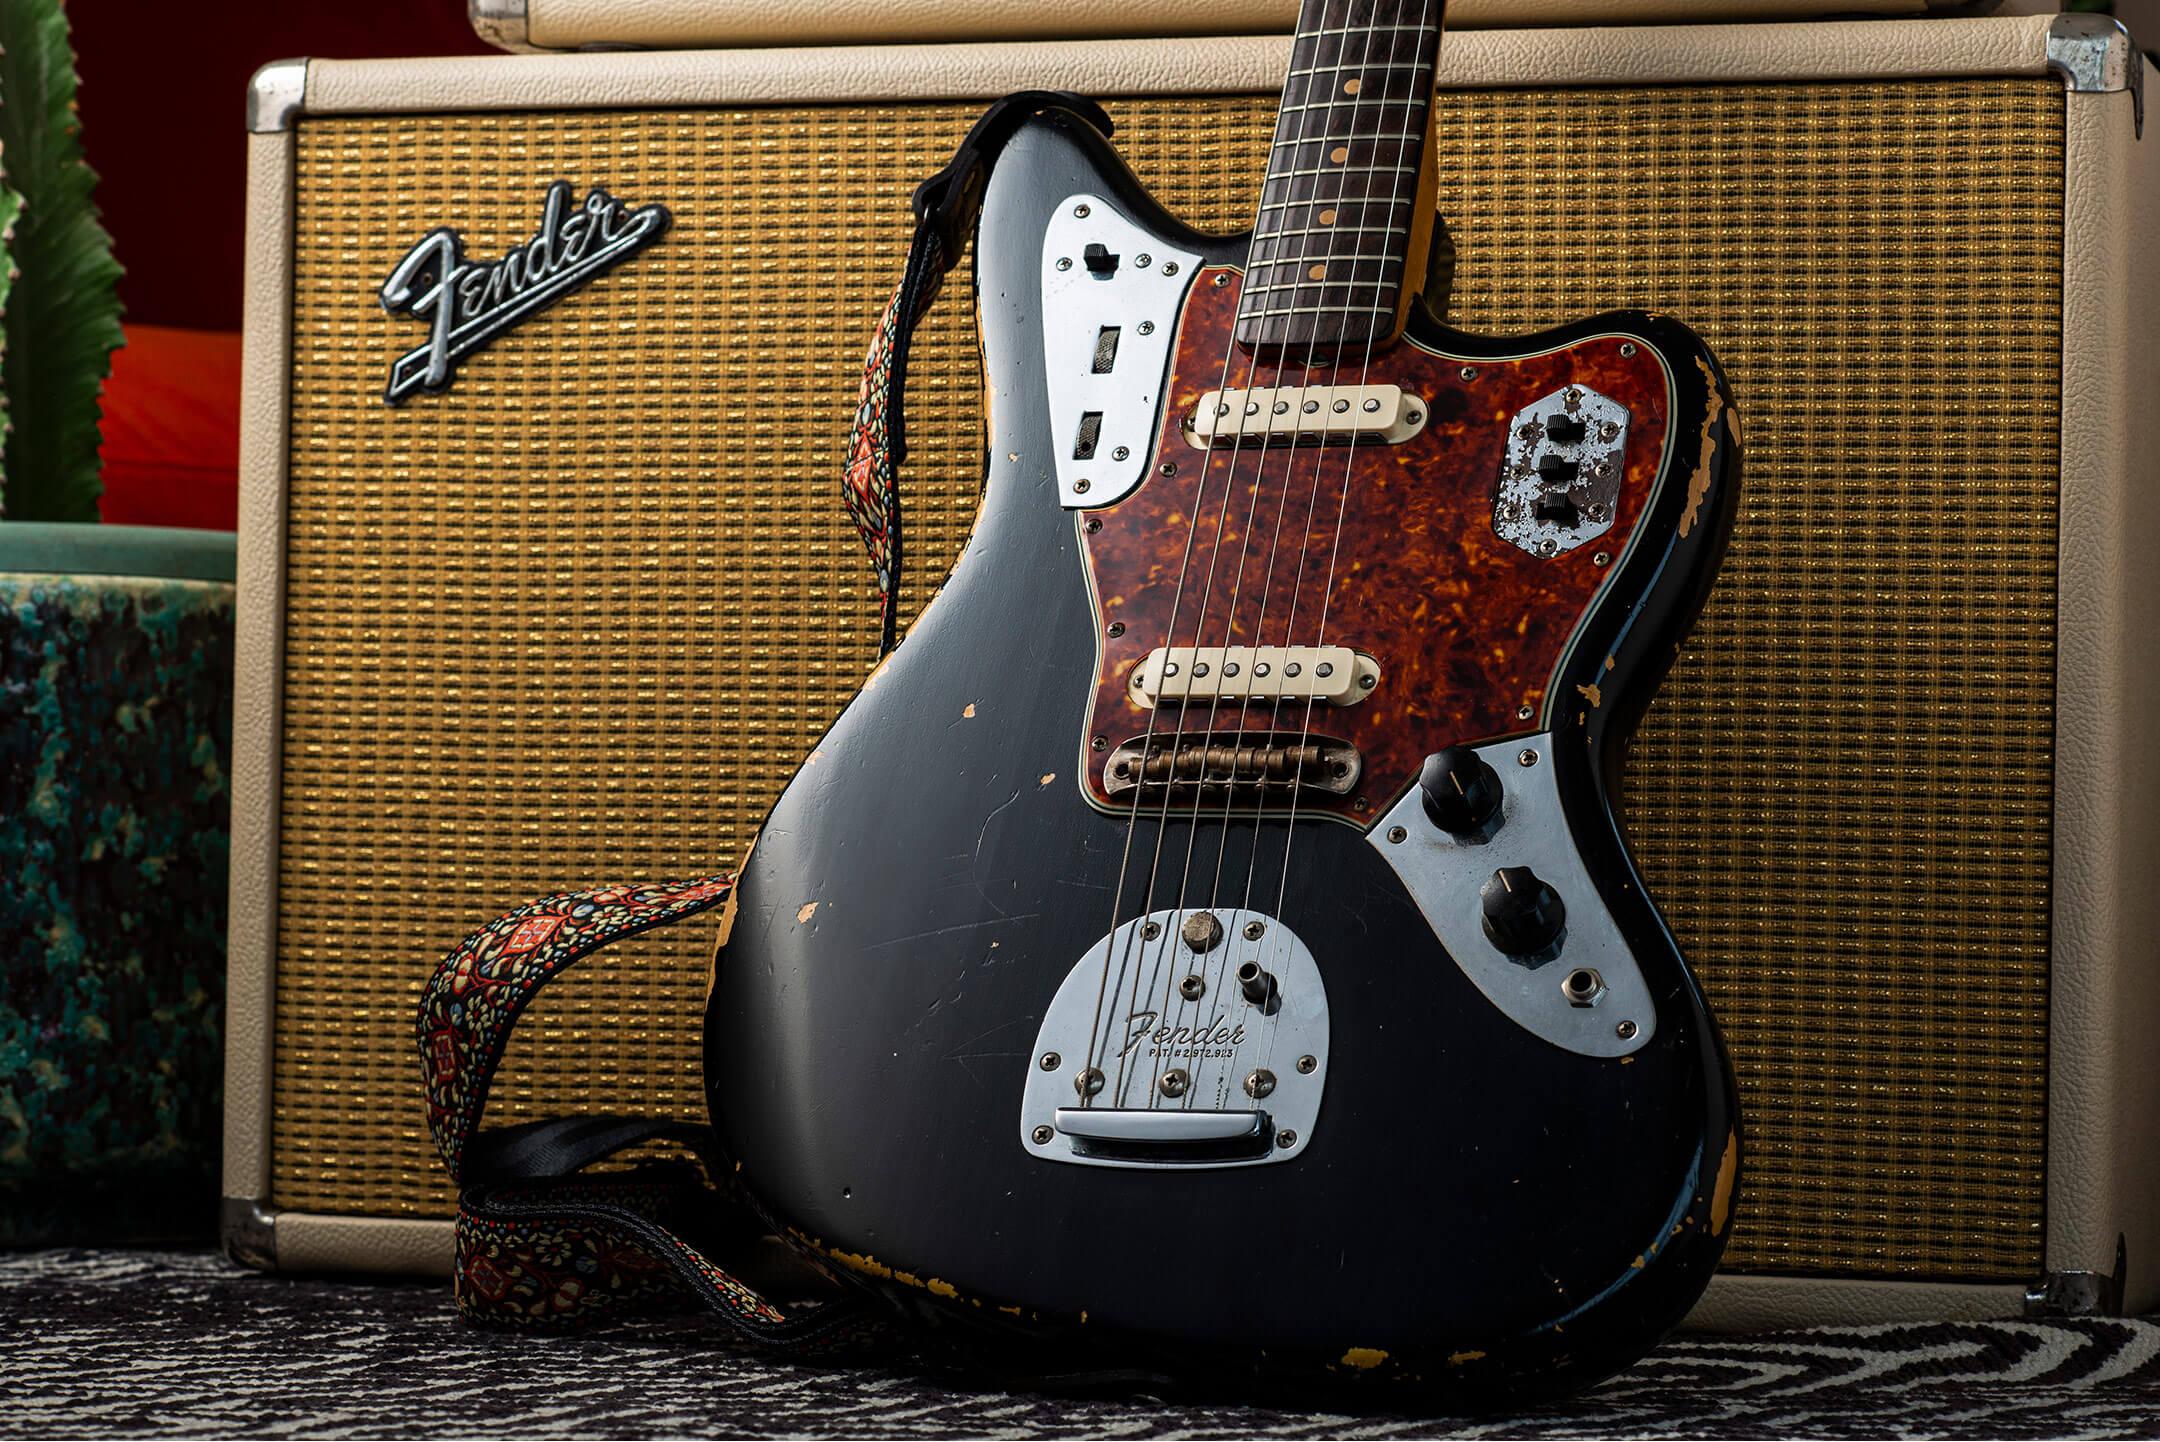 Marc Ransley's Jaguar